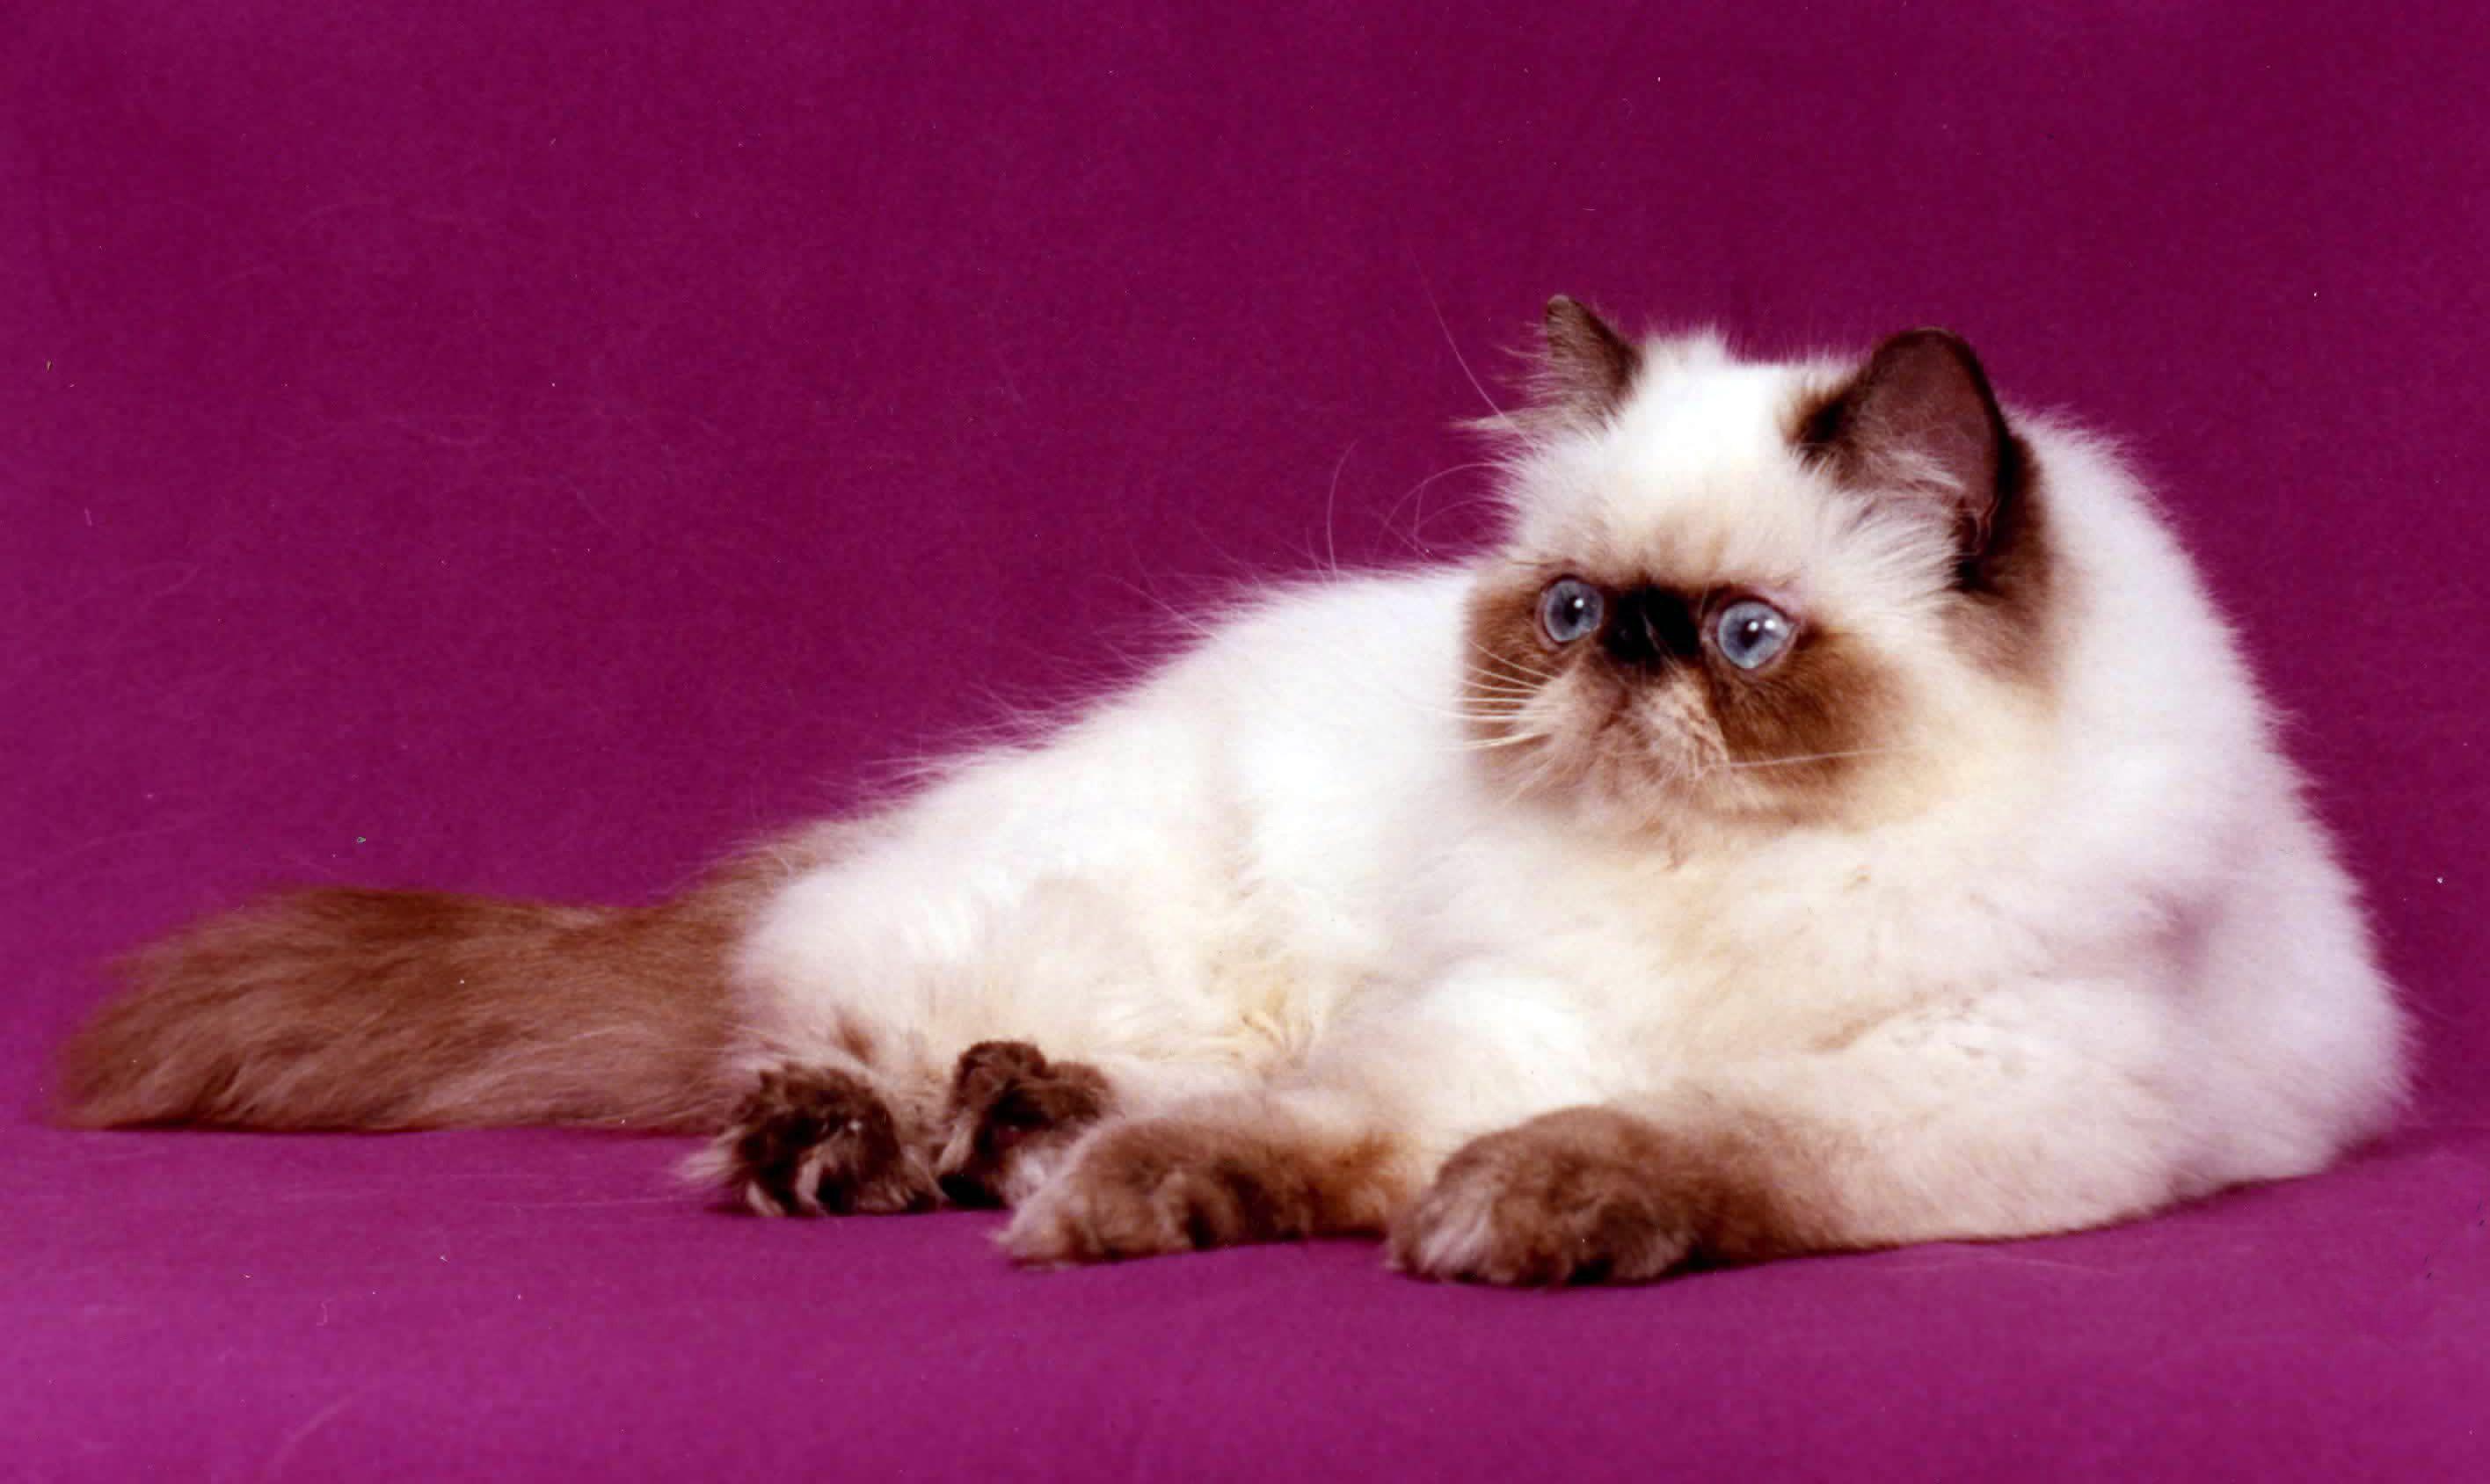 Persian cat Wikipedia, the free encyclopedia Persian